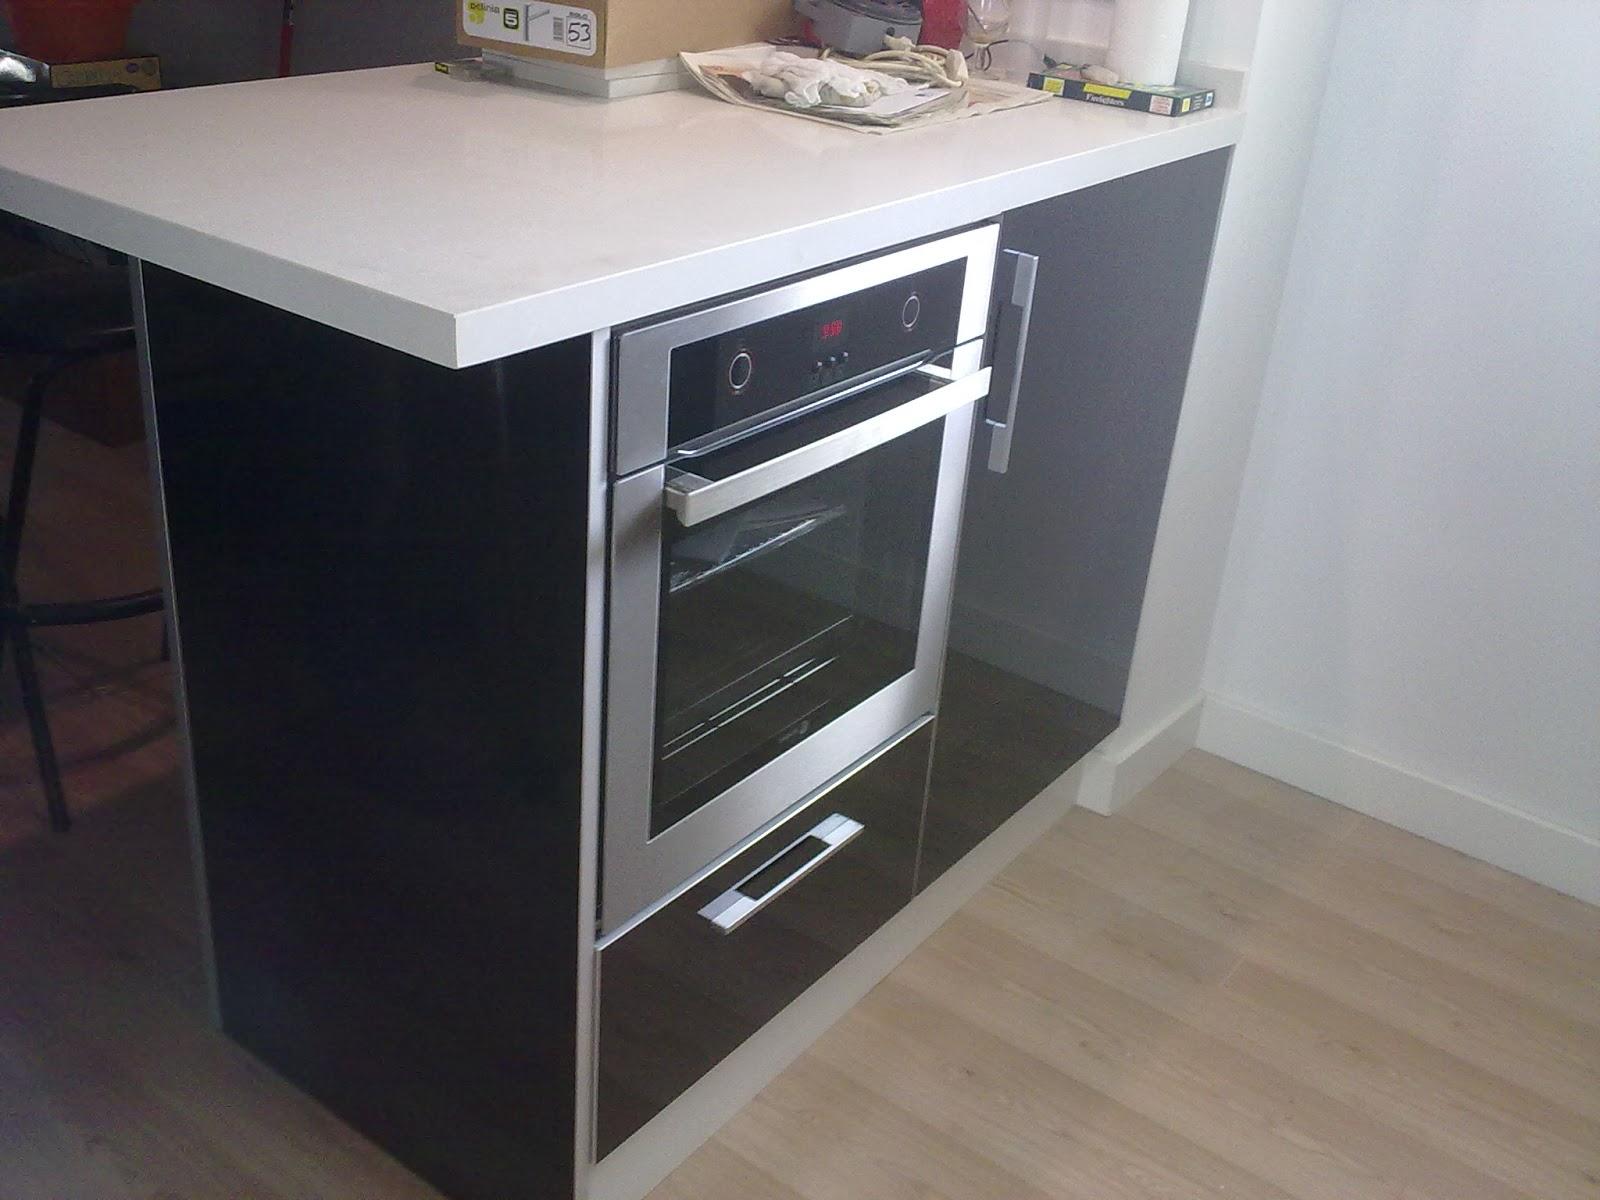 Carpinteria los molinos fotos cocinas for Mueble para encastrar horno y encimera